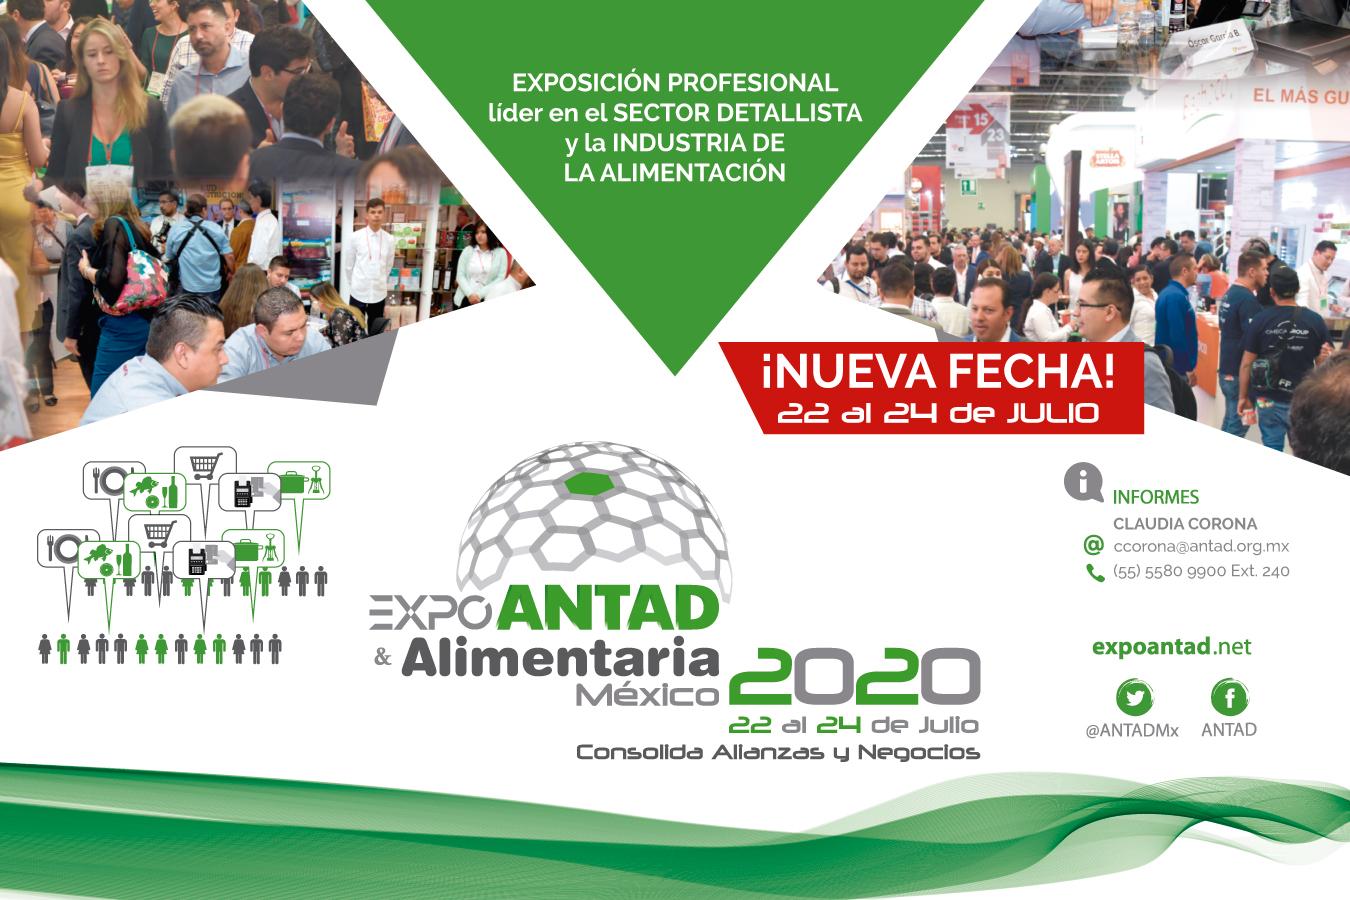 EXPO ANTAD & ALIMENTARIA MÉXICO 2020 SE REPROGRAMA